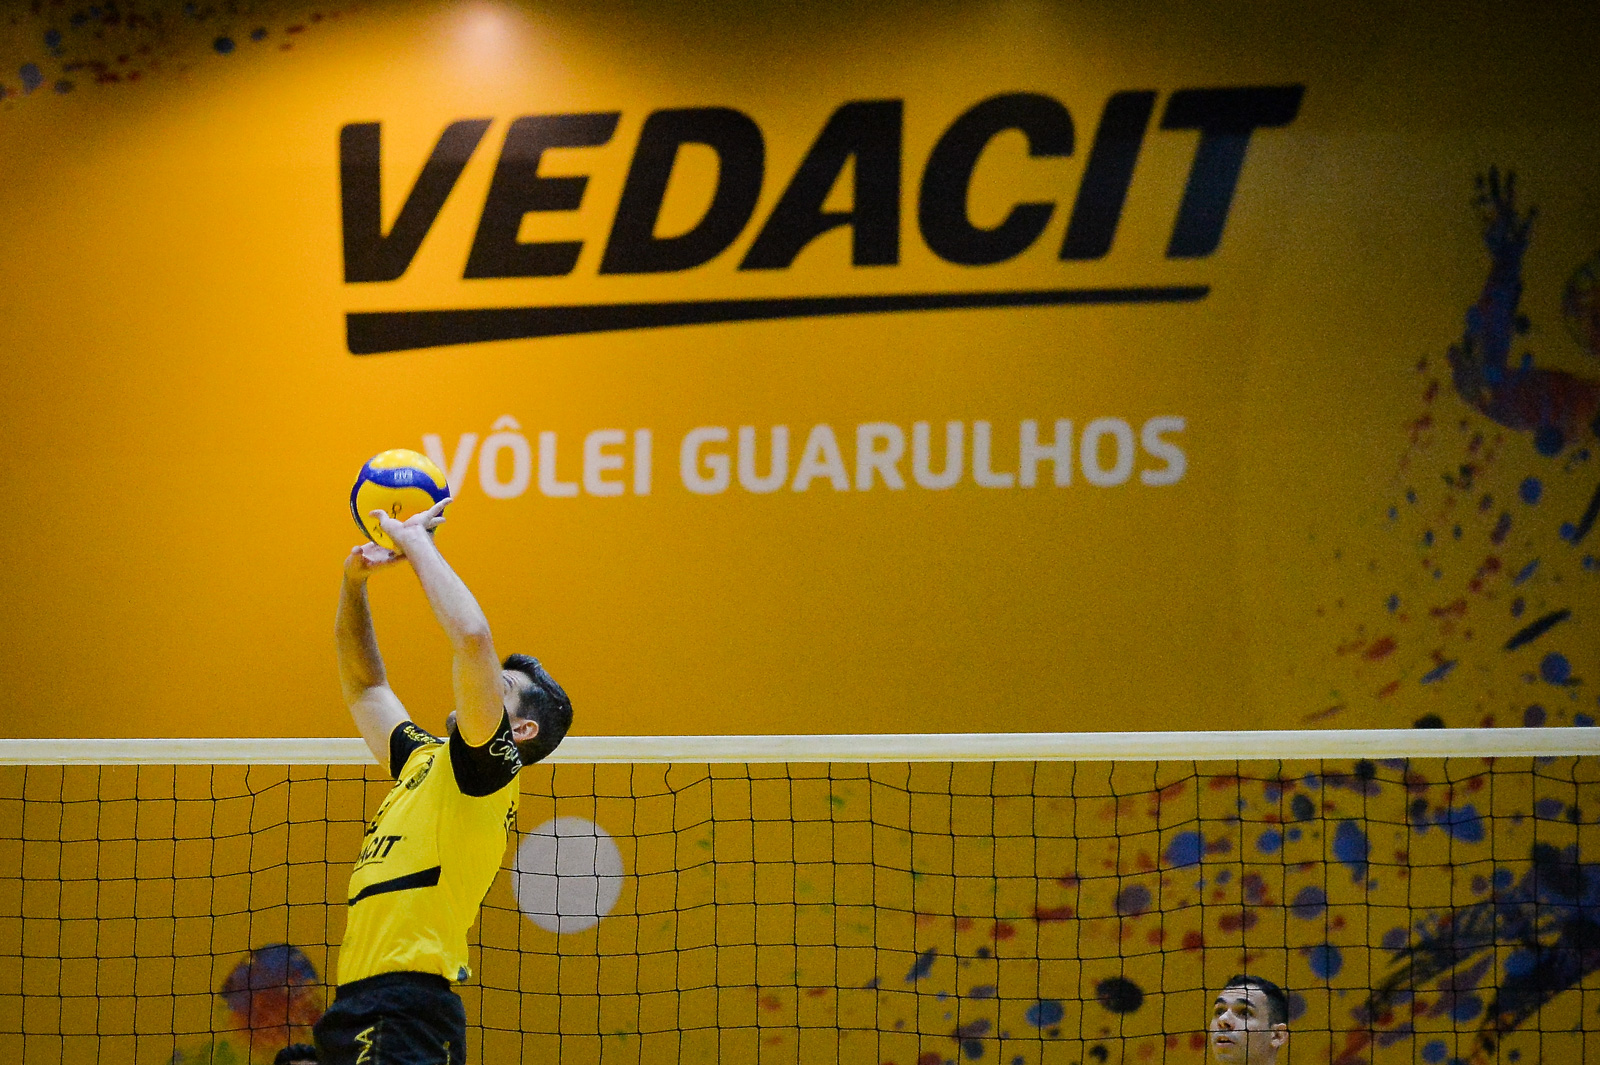 VedacitVoleiGuarulhos_X_VoleiRenata_Duda